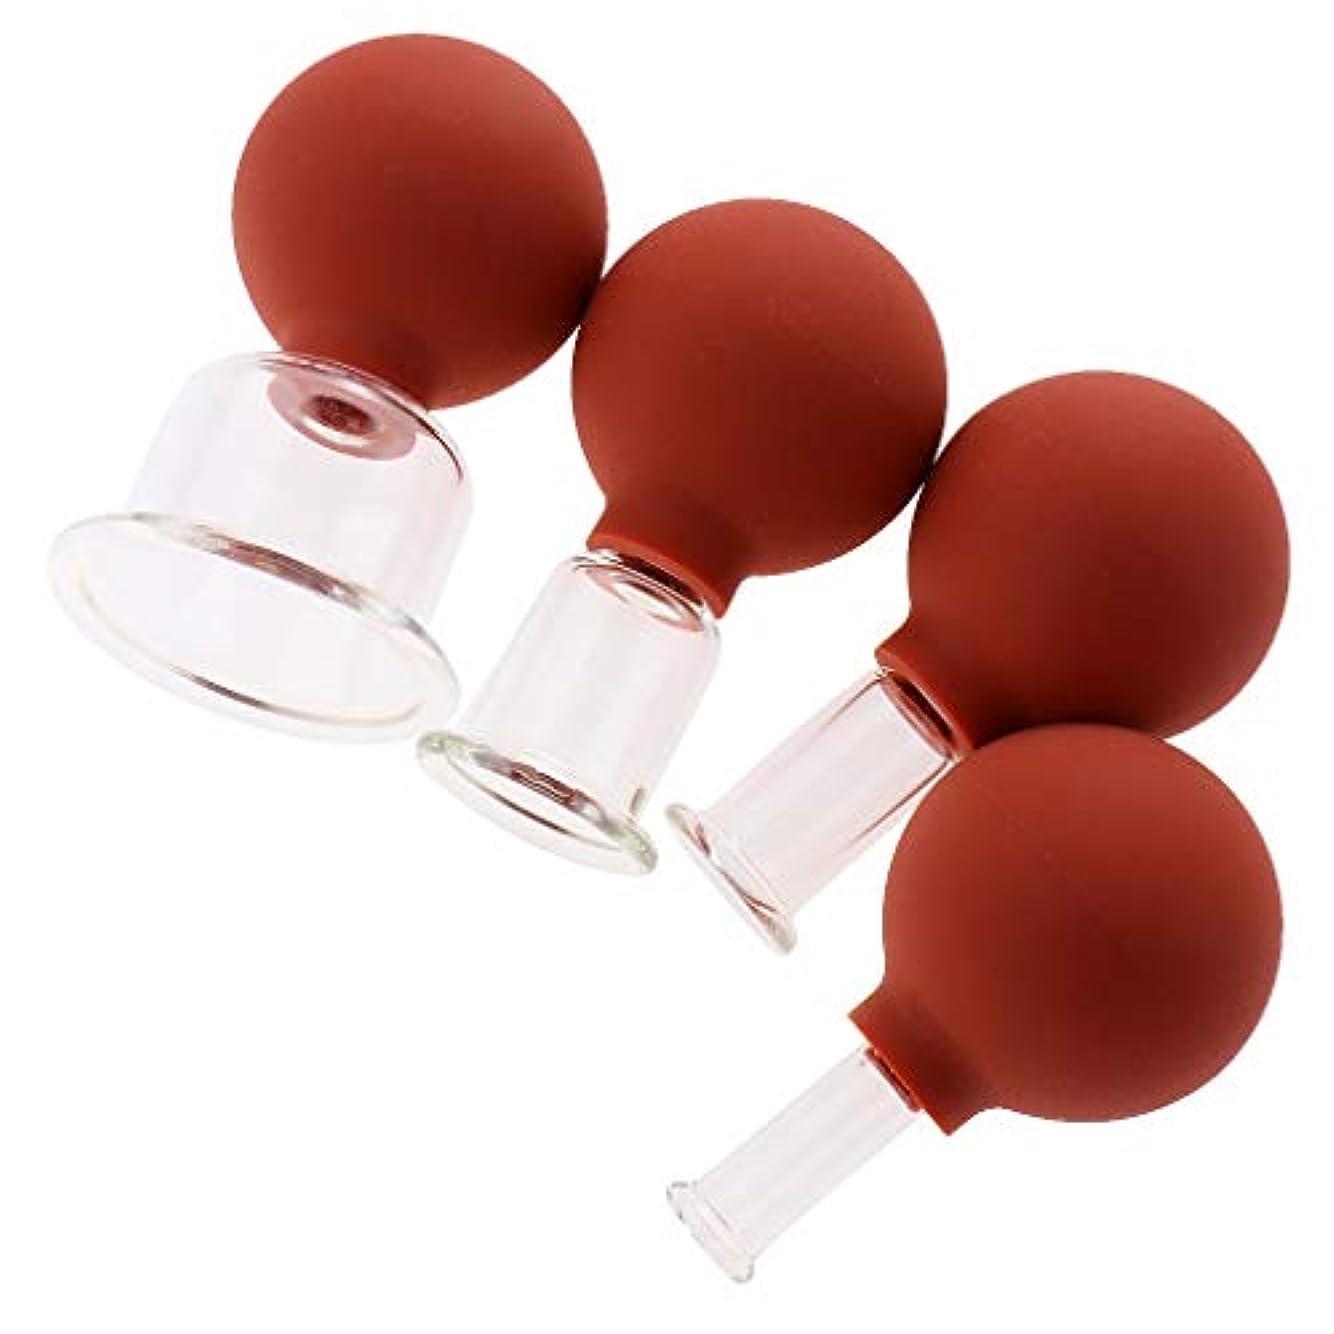 気づくなる恨み正しいCUTICATE 全3色 マッサージカップ ガラスカッピング 吸い玉 マッサージ カッピングセット 4個入 - 赤茶色